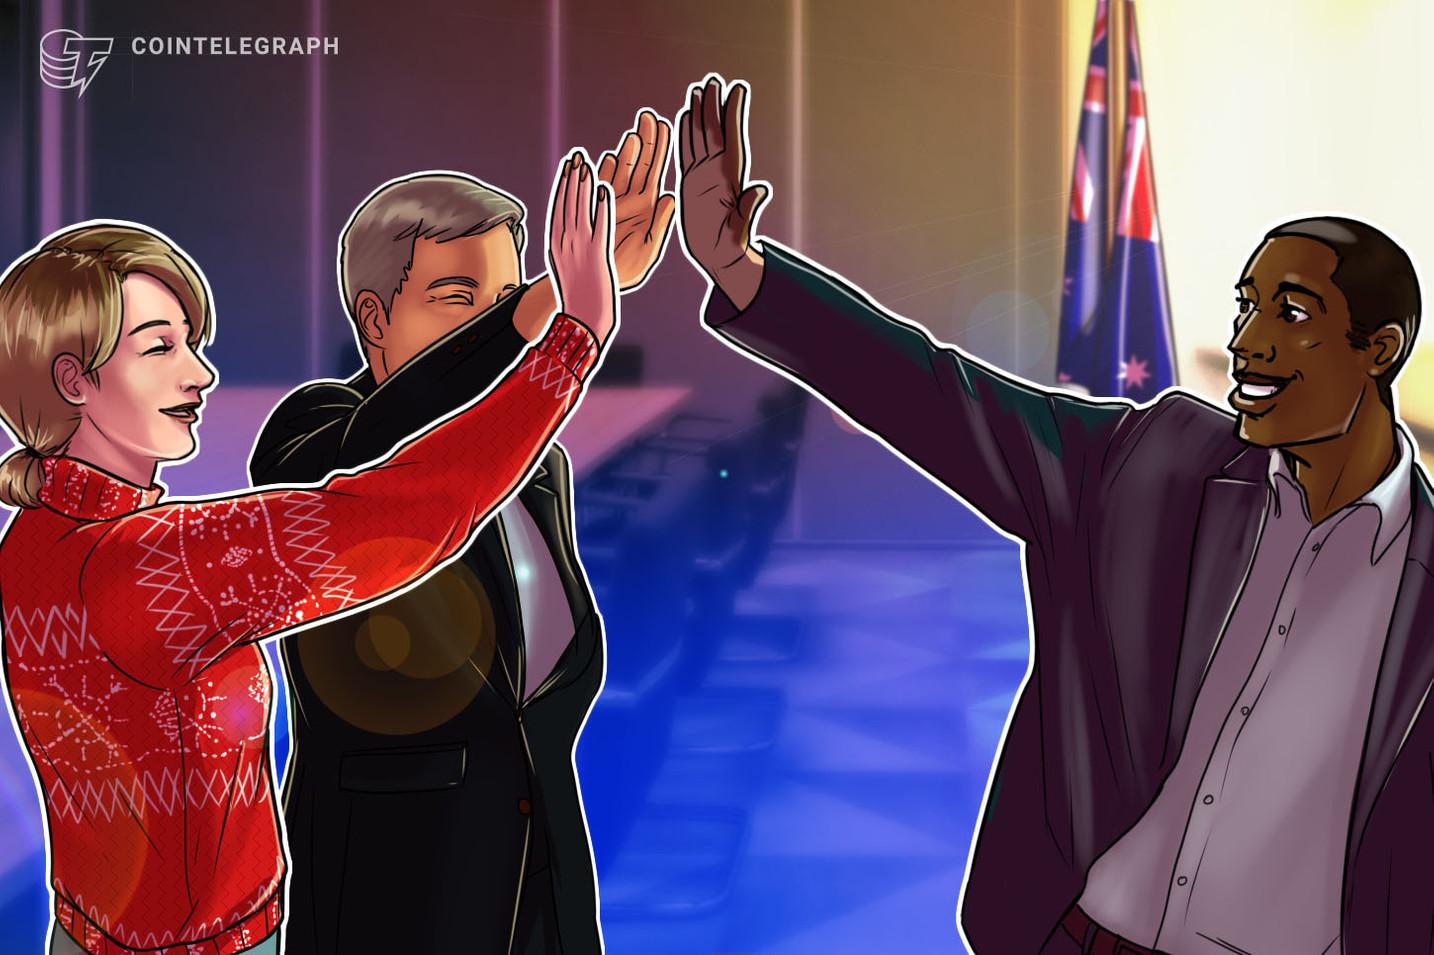 Square kjøper australsk fintech Afterpay i en avtale på 29 milliarder dollar